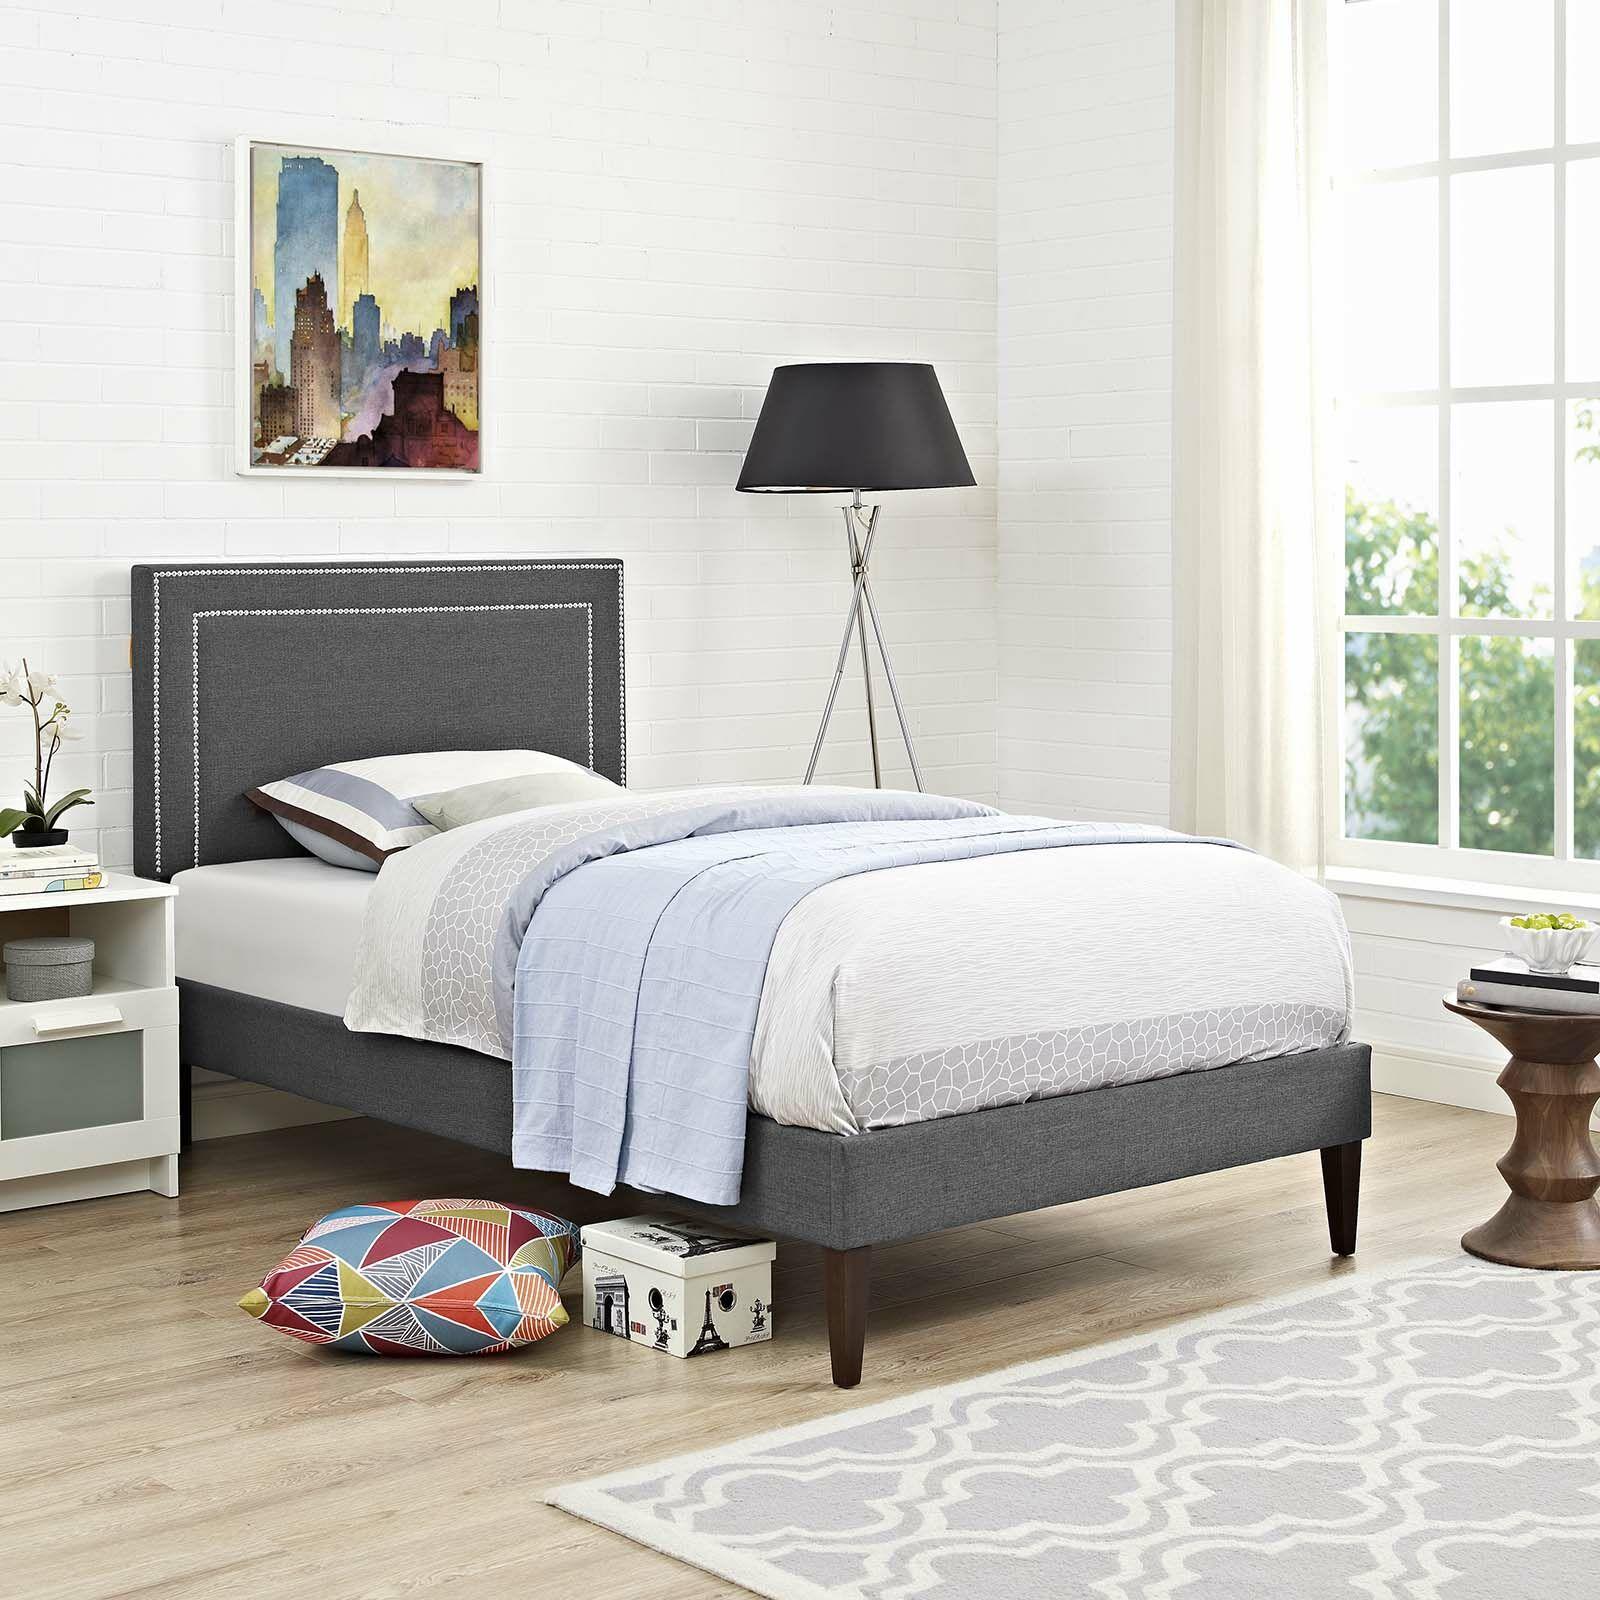 Huntsman Upholstered Platform Bed Color: Gray, Size: Full/Double